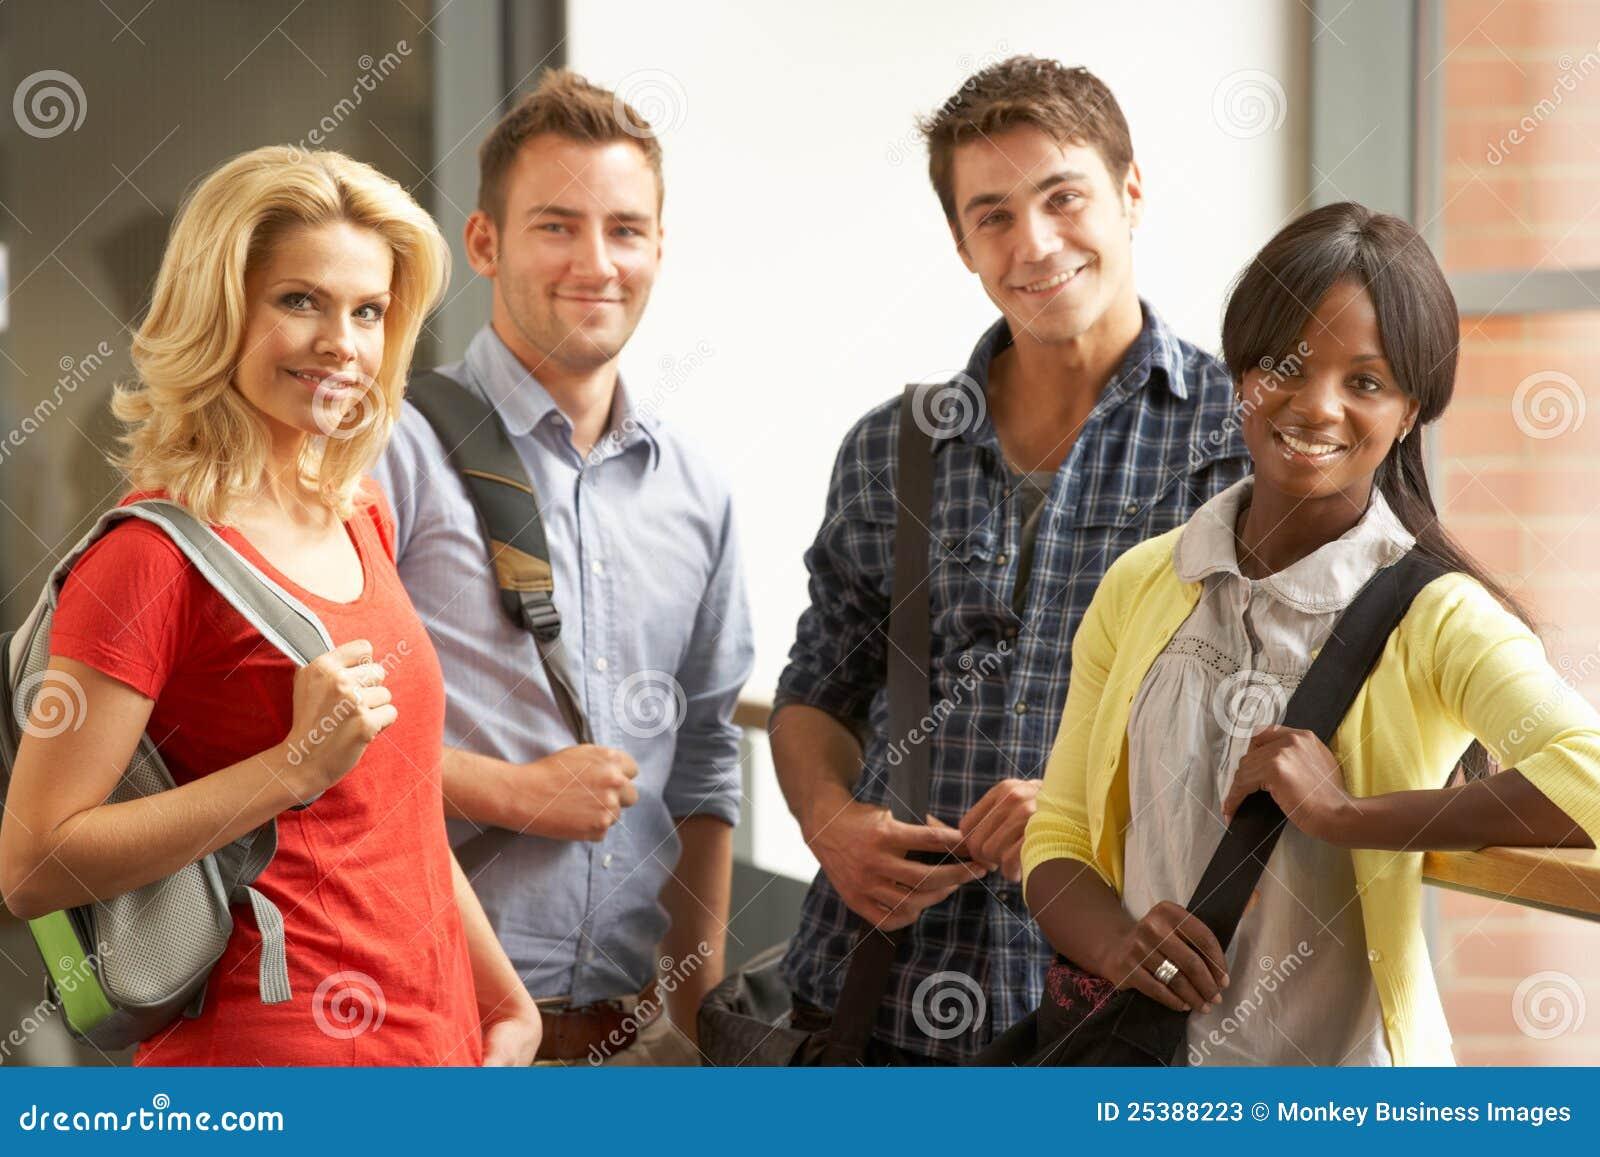 Grupo mezclado de estudiantes en universidad